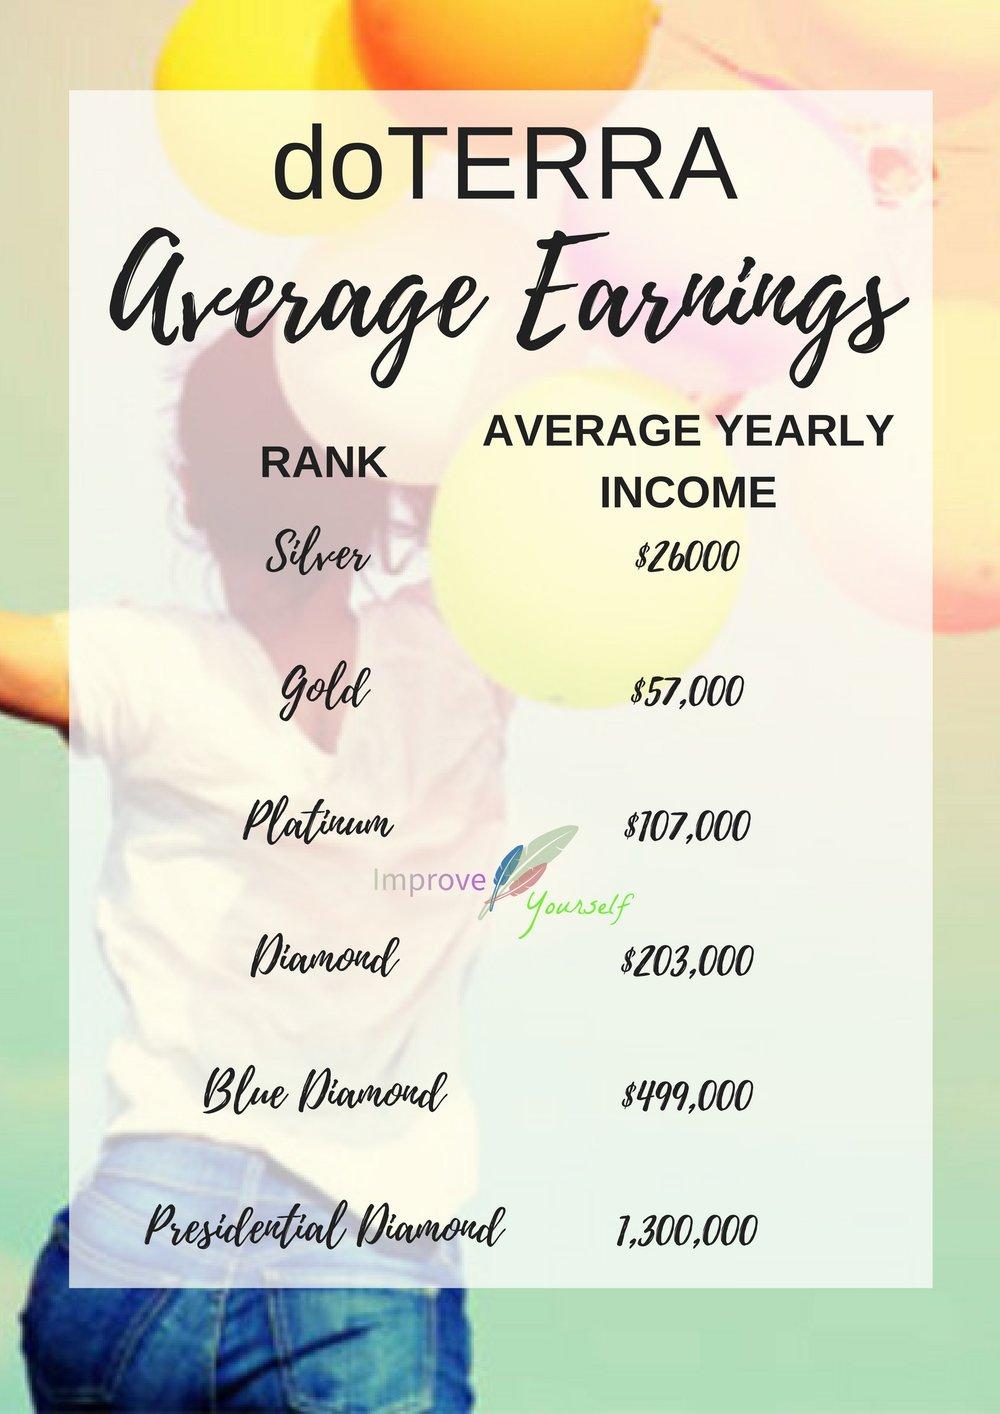 doterra earnings